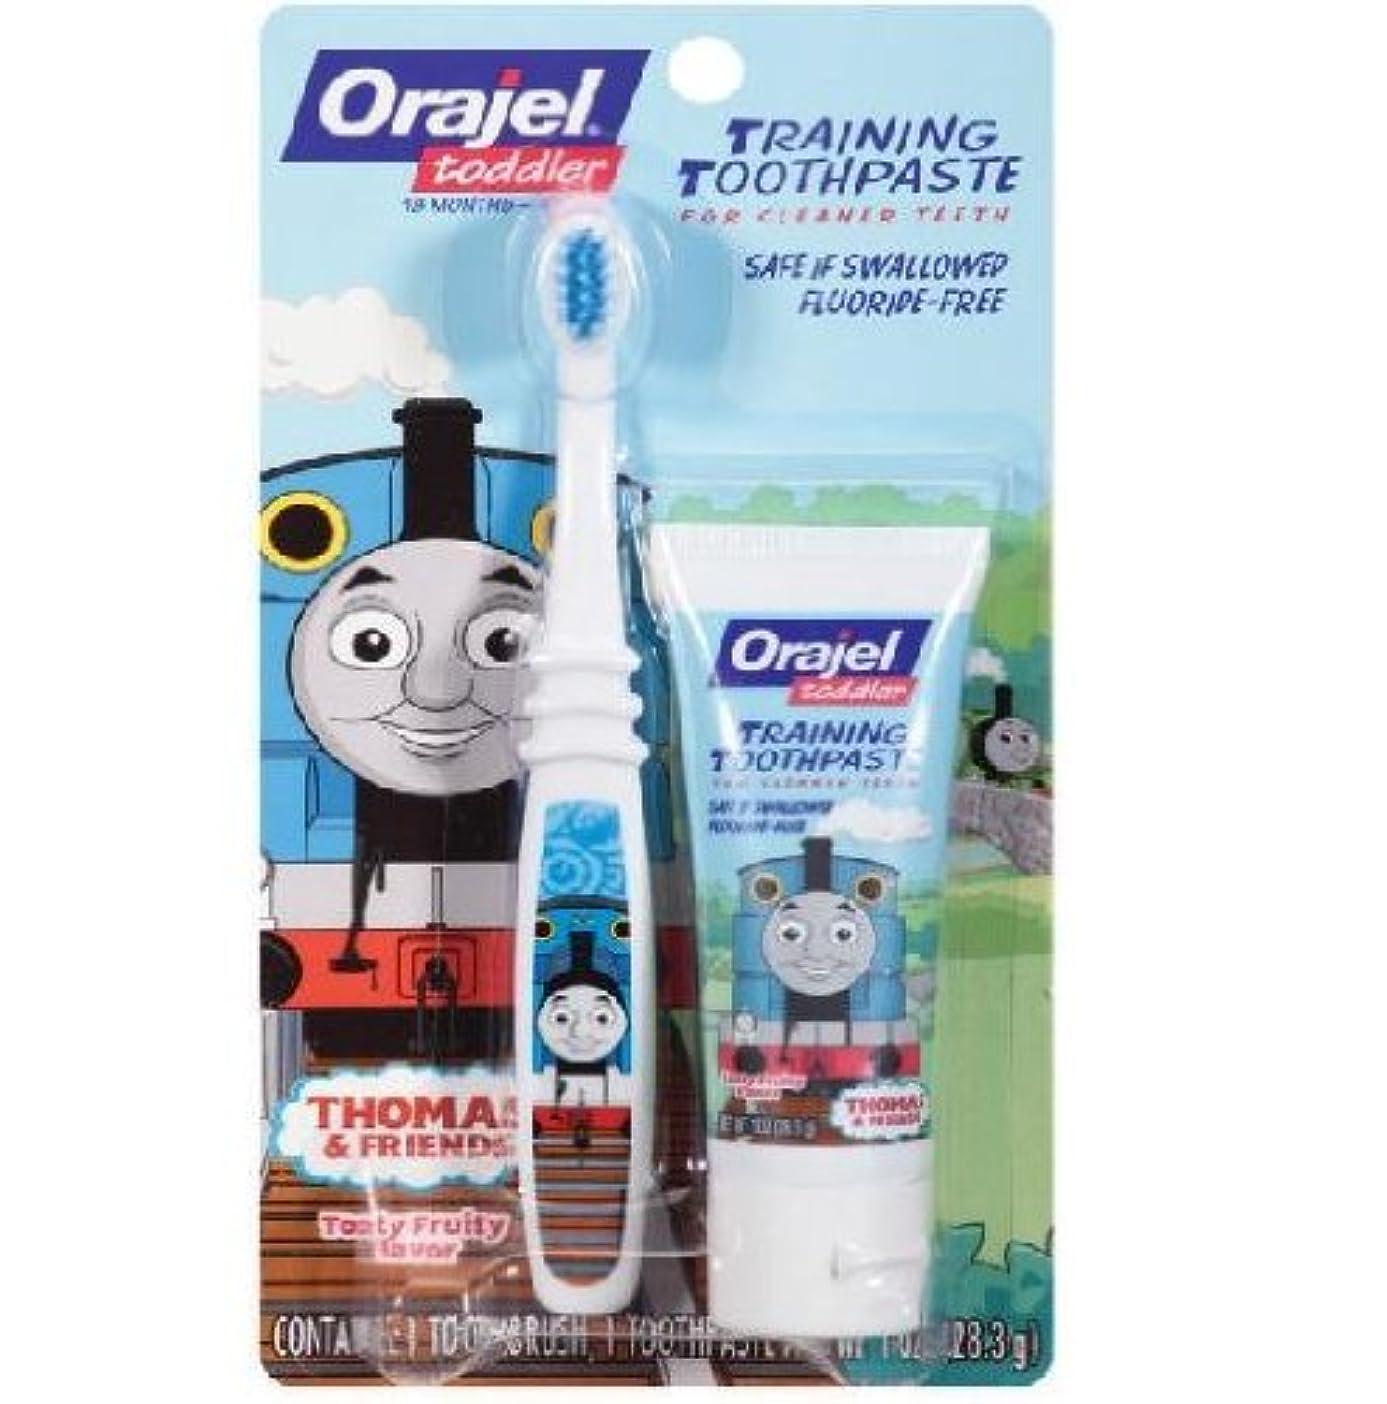 召集する六請う【機関車トーマス】Toddler Thomas Toddler Training Toothpaste with Toothbrush Tooty Fruity 1 oz